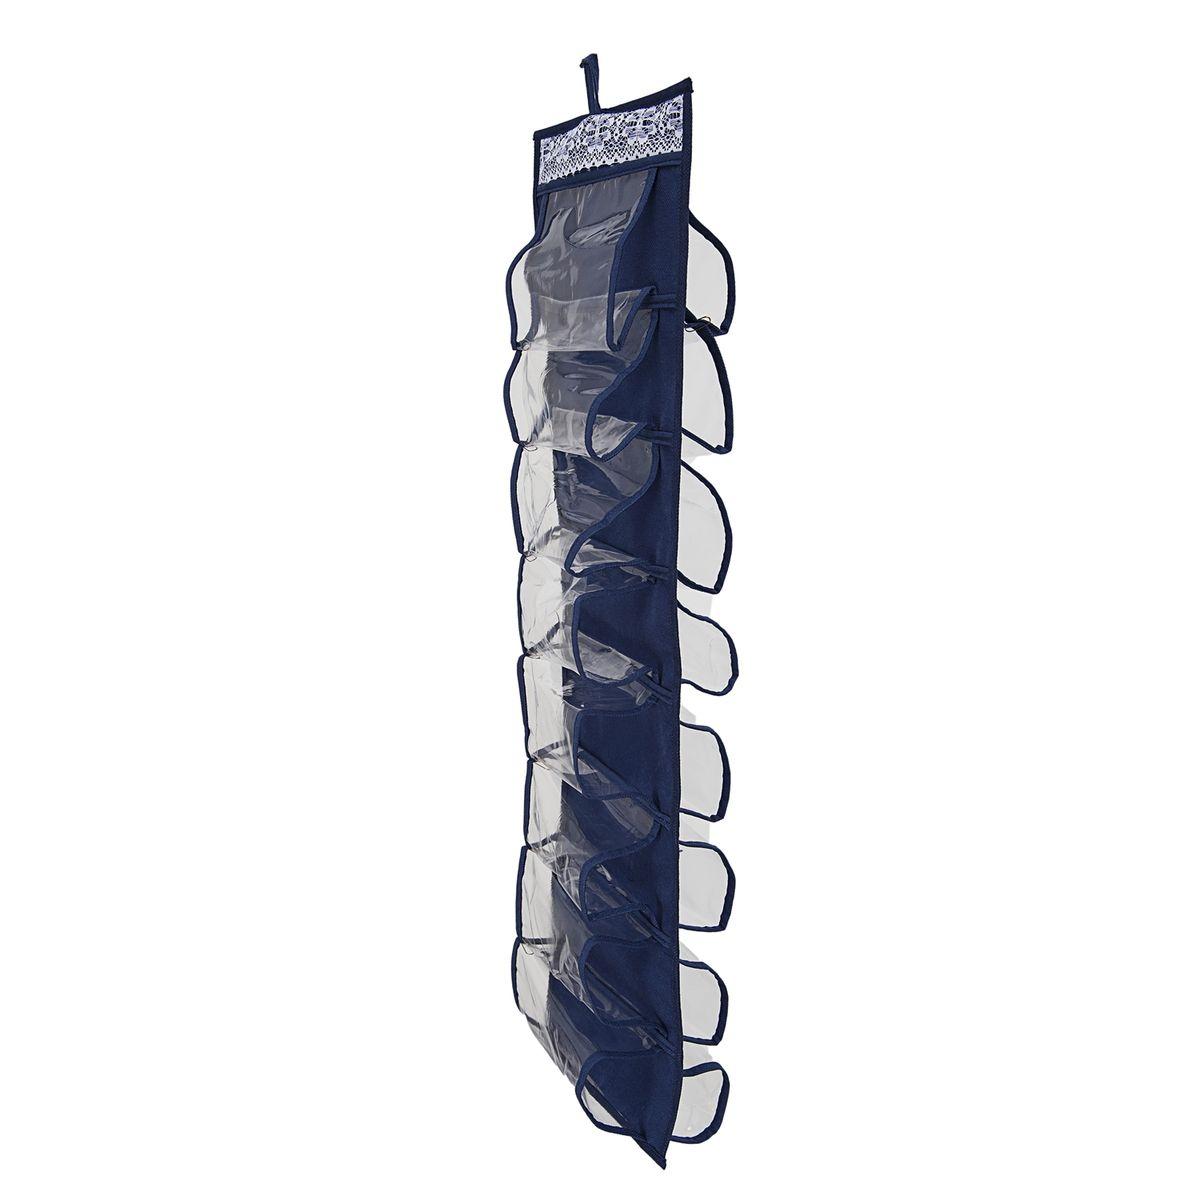 Органайзер для хранения шарфов и мелочей Homsu Winter, подвесной, 20 х 80 смHOM-452Подвесной двусторонний органайзер для хранения Homsu Winter изготовлен из высококачественного нетканого материала (полиэстер). Изделие позволяет сохранить естественную вентиляцию, а воздуху свободно проникать внутрь, не пропуская пыль. Органайзер оснащен 16 раздельными секциями. Идеально подходит для хранения разных мелочей в шкафу. Мобильность конструкции обеспечивает складывание и раскладывание одним движением. Размер органайзера: 20 х 80 см.